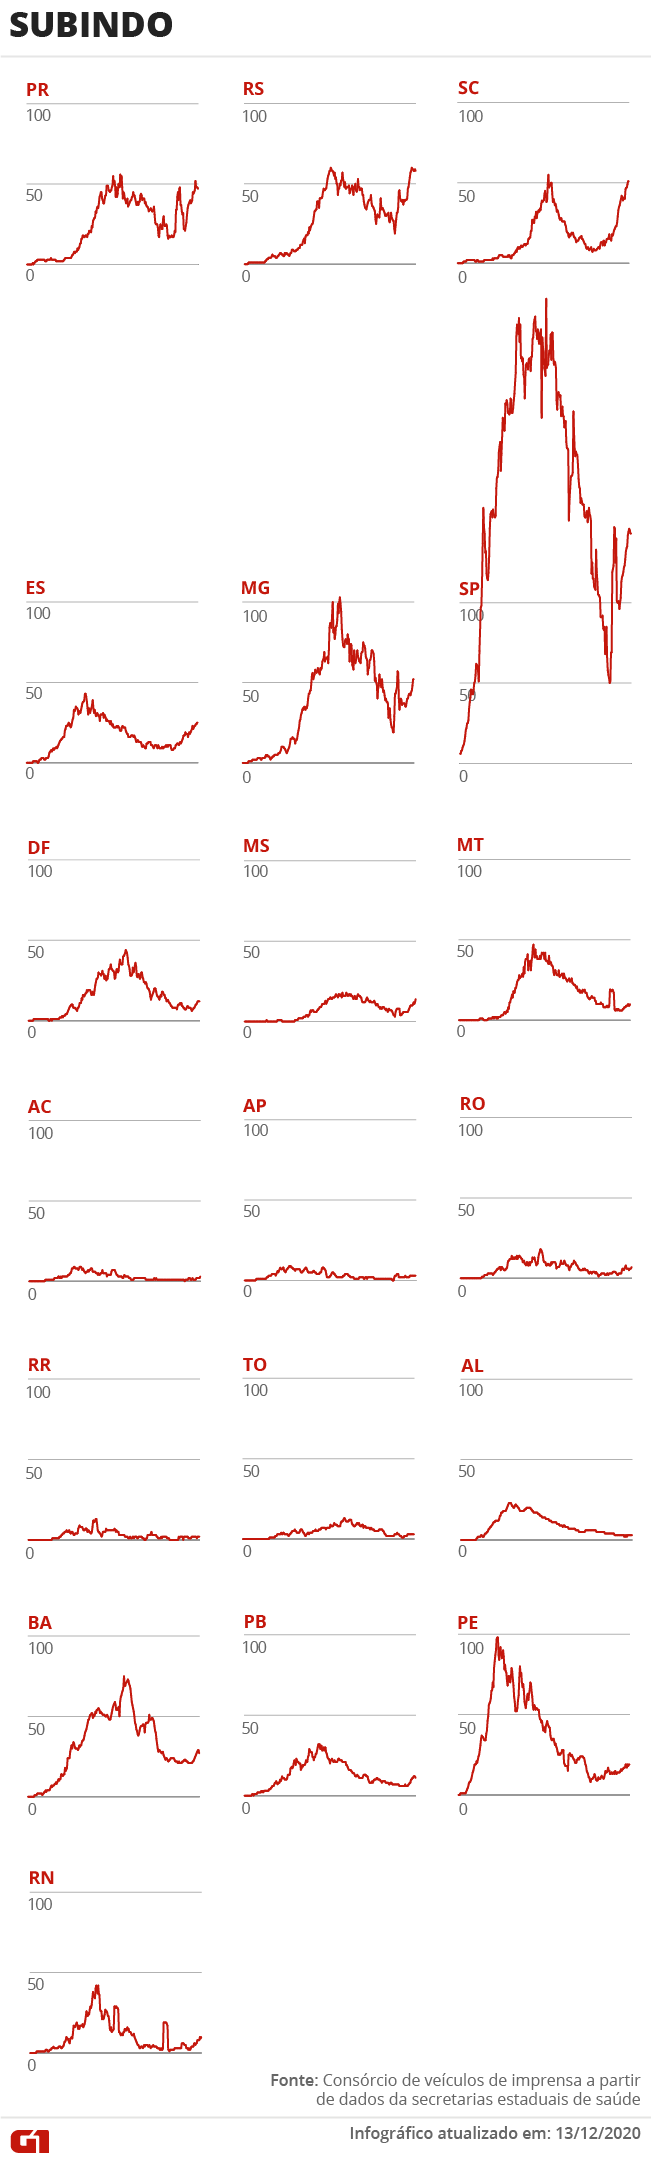 Casos e mortes por coronavírus no Brasil em 14 de dezembro, segundo consórcio de veículos de imprensa (atualização das 13h)